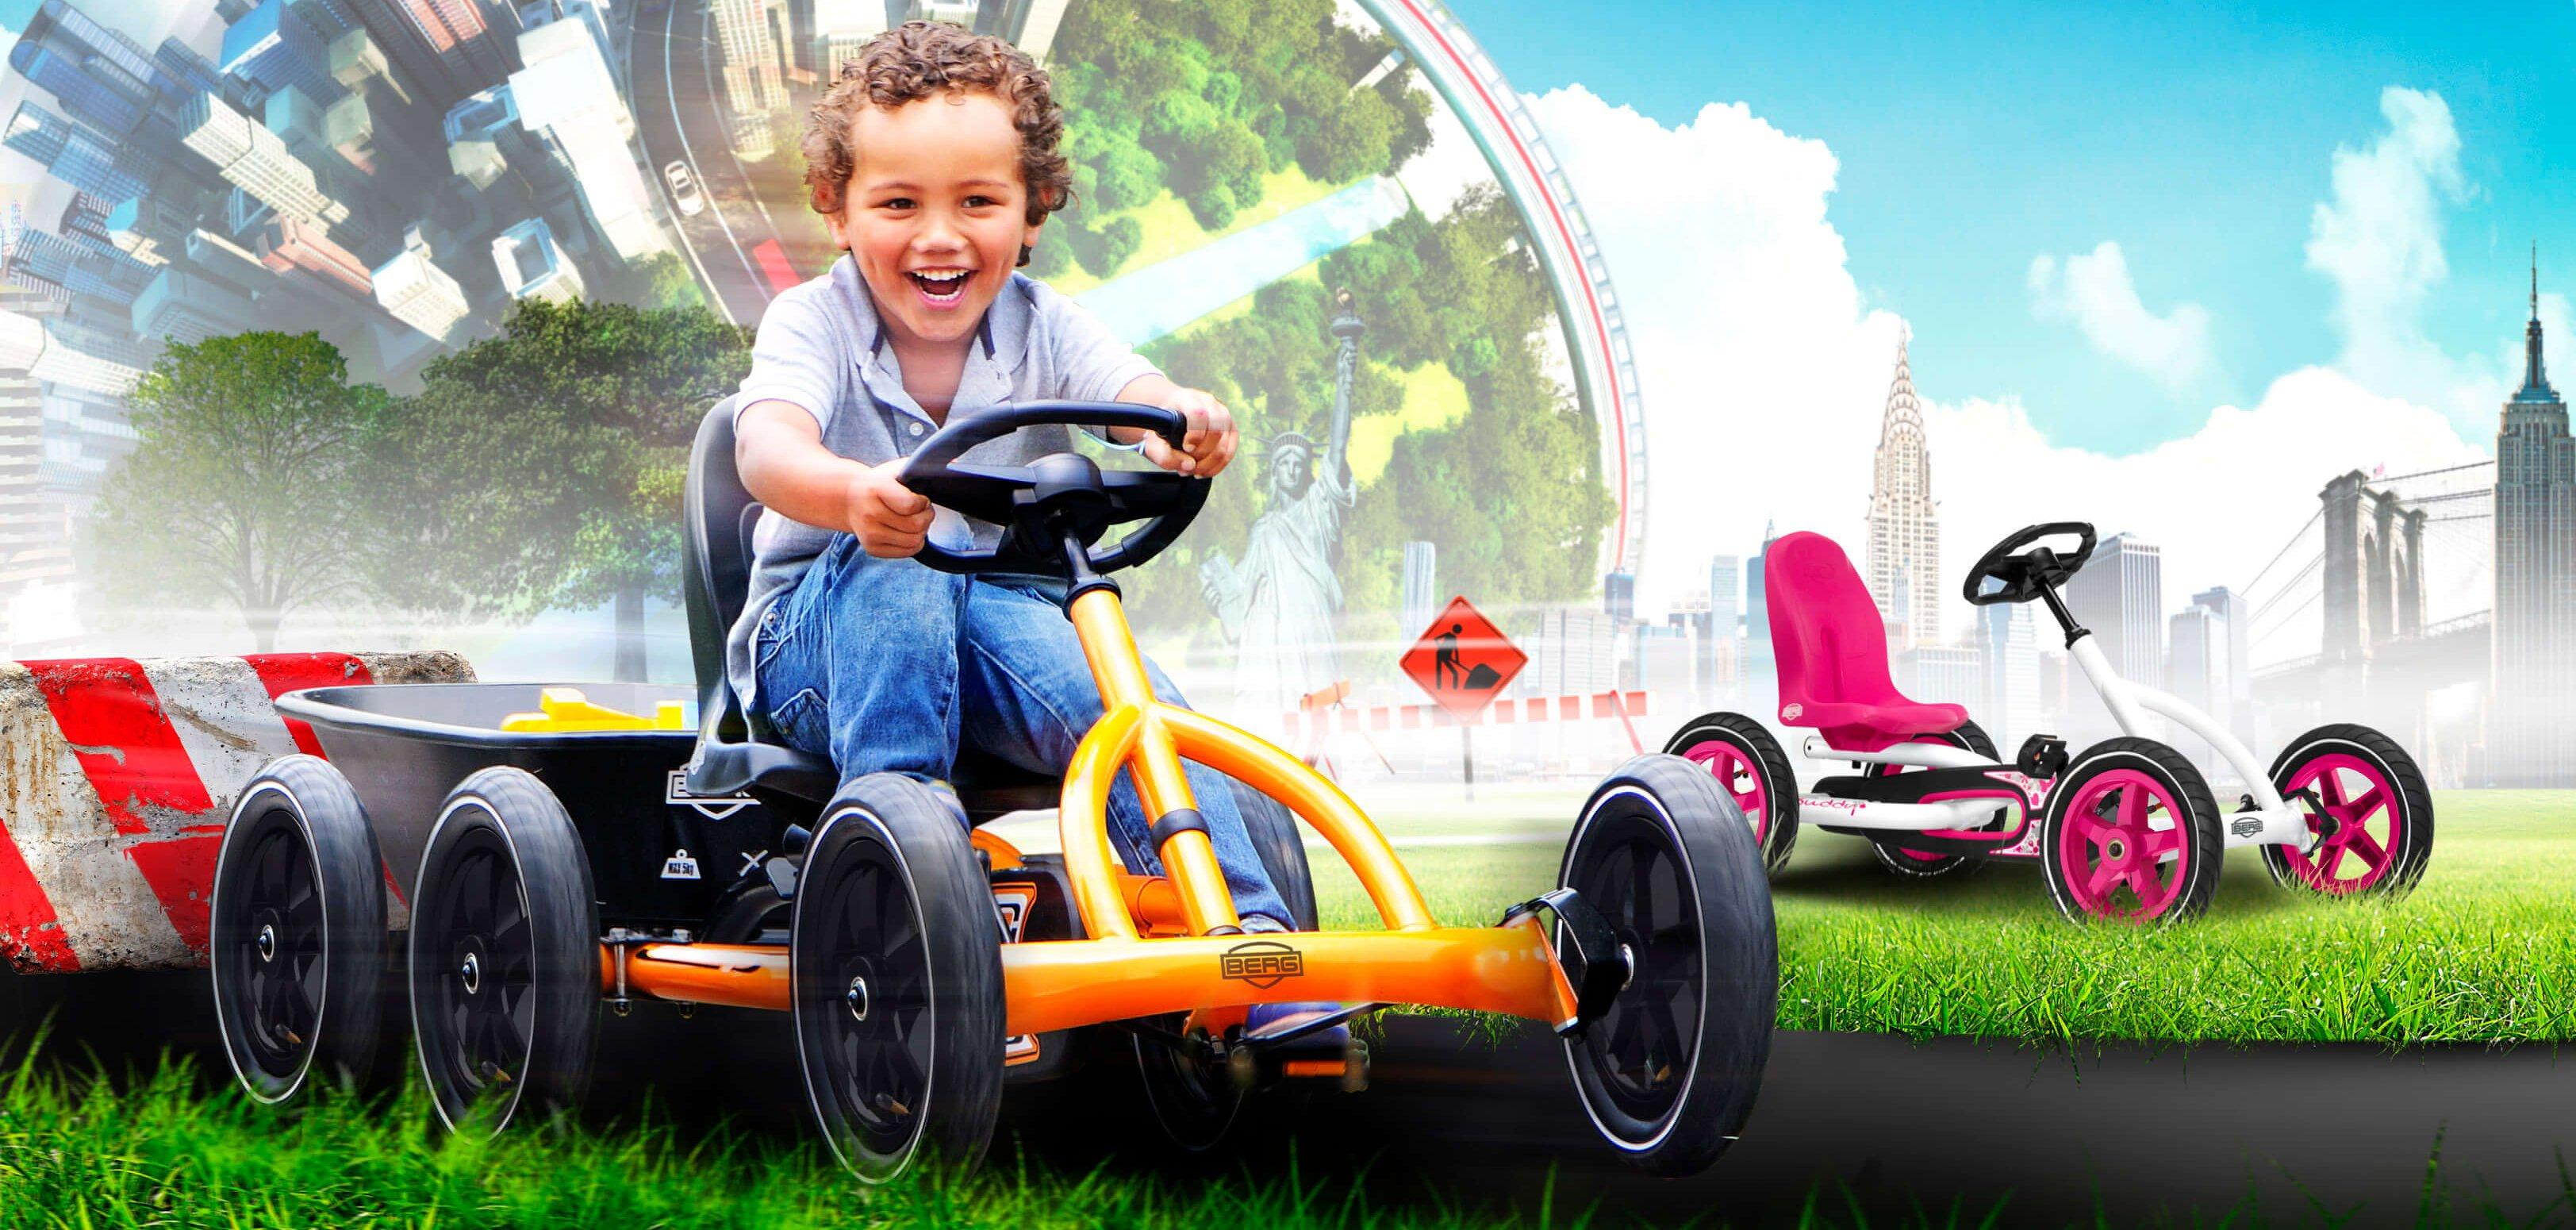 Gokart für Kinder 3 bis 8 Jahren - Kaufberatung und Tipps von GOKART PROFI